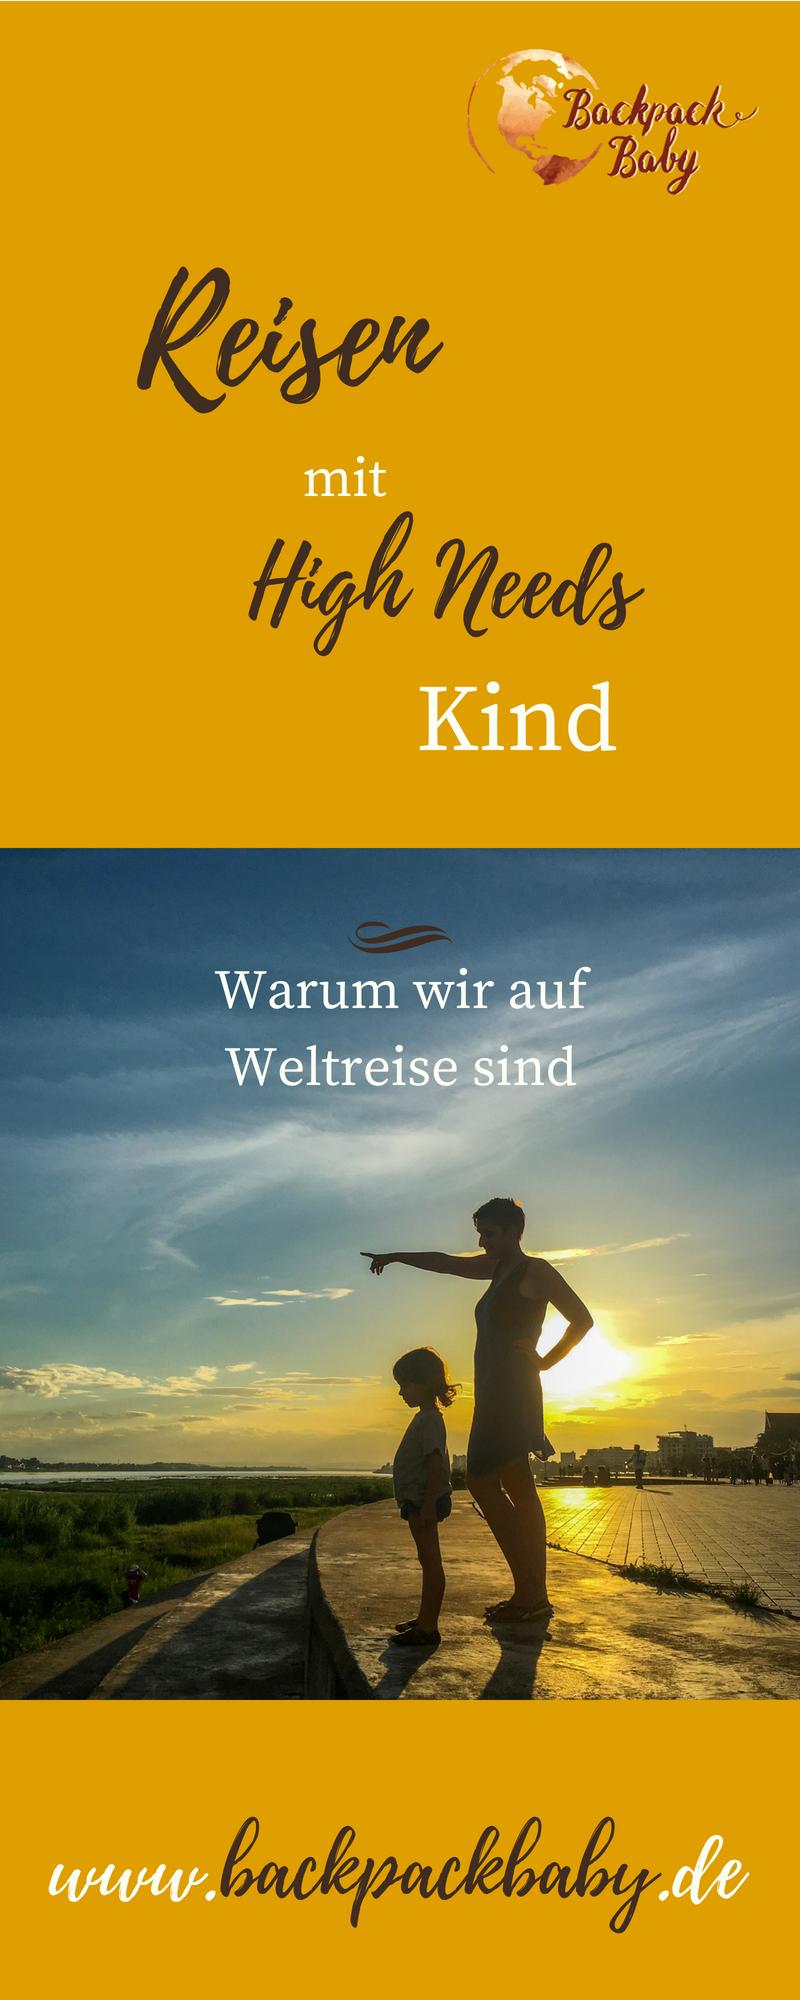 Reisen mit High Needs Kind | Weltreise mit kind, Reisen